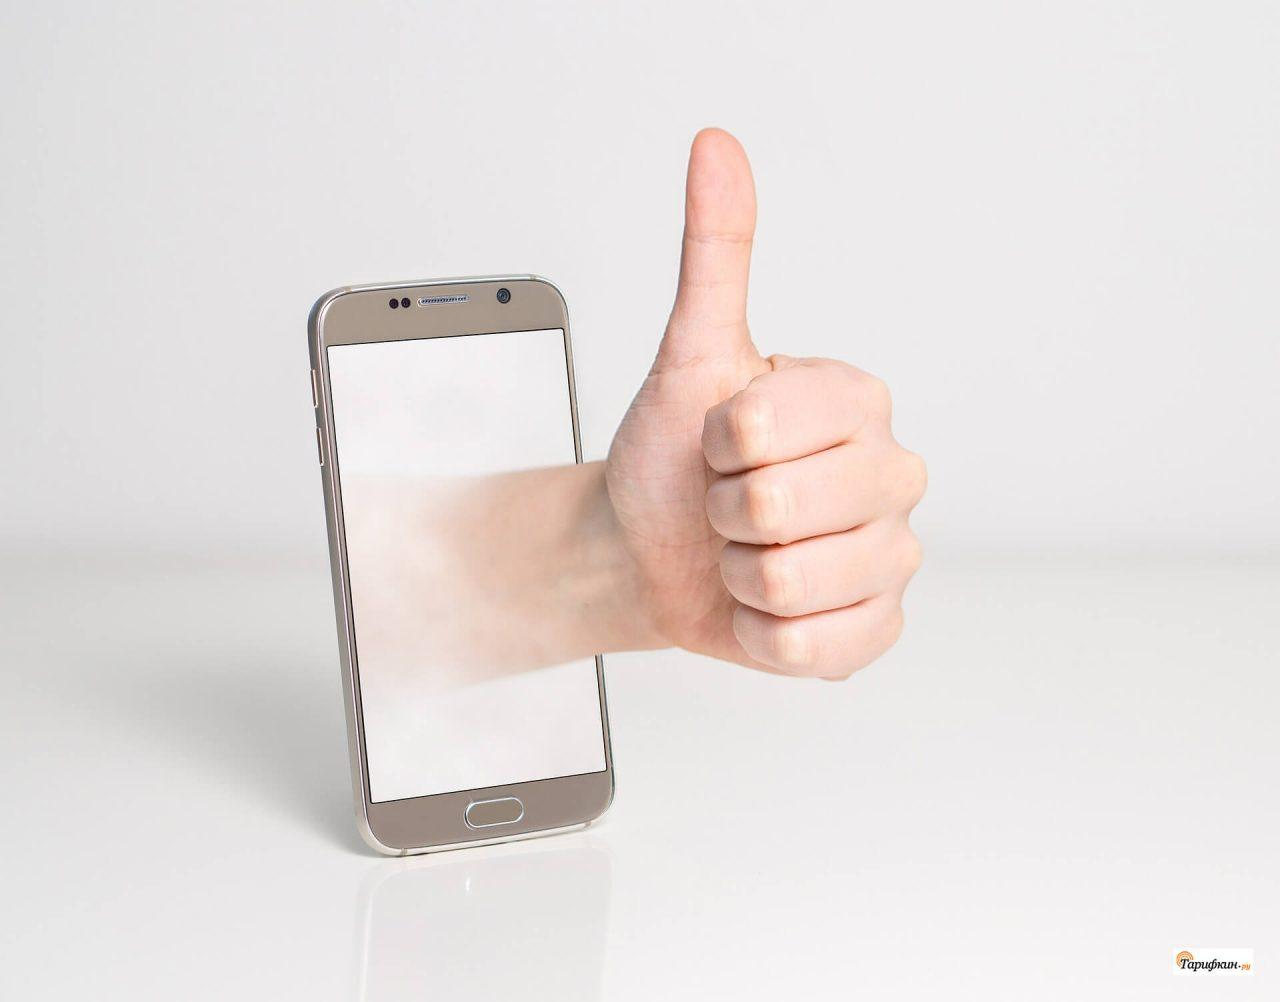 Тест: насколько вы разбираетесь в мобильных технологиях